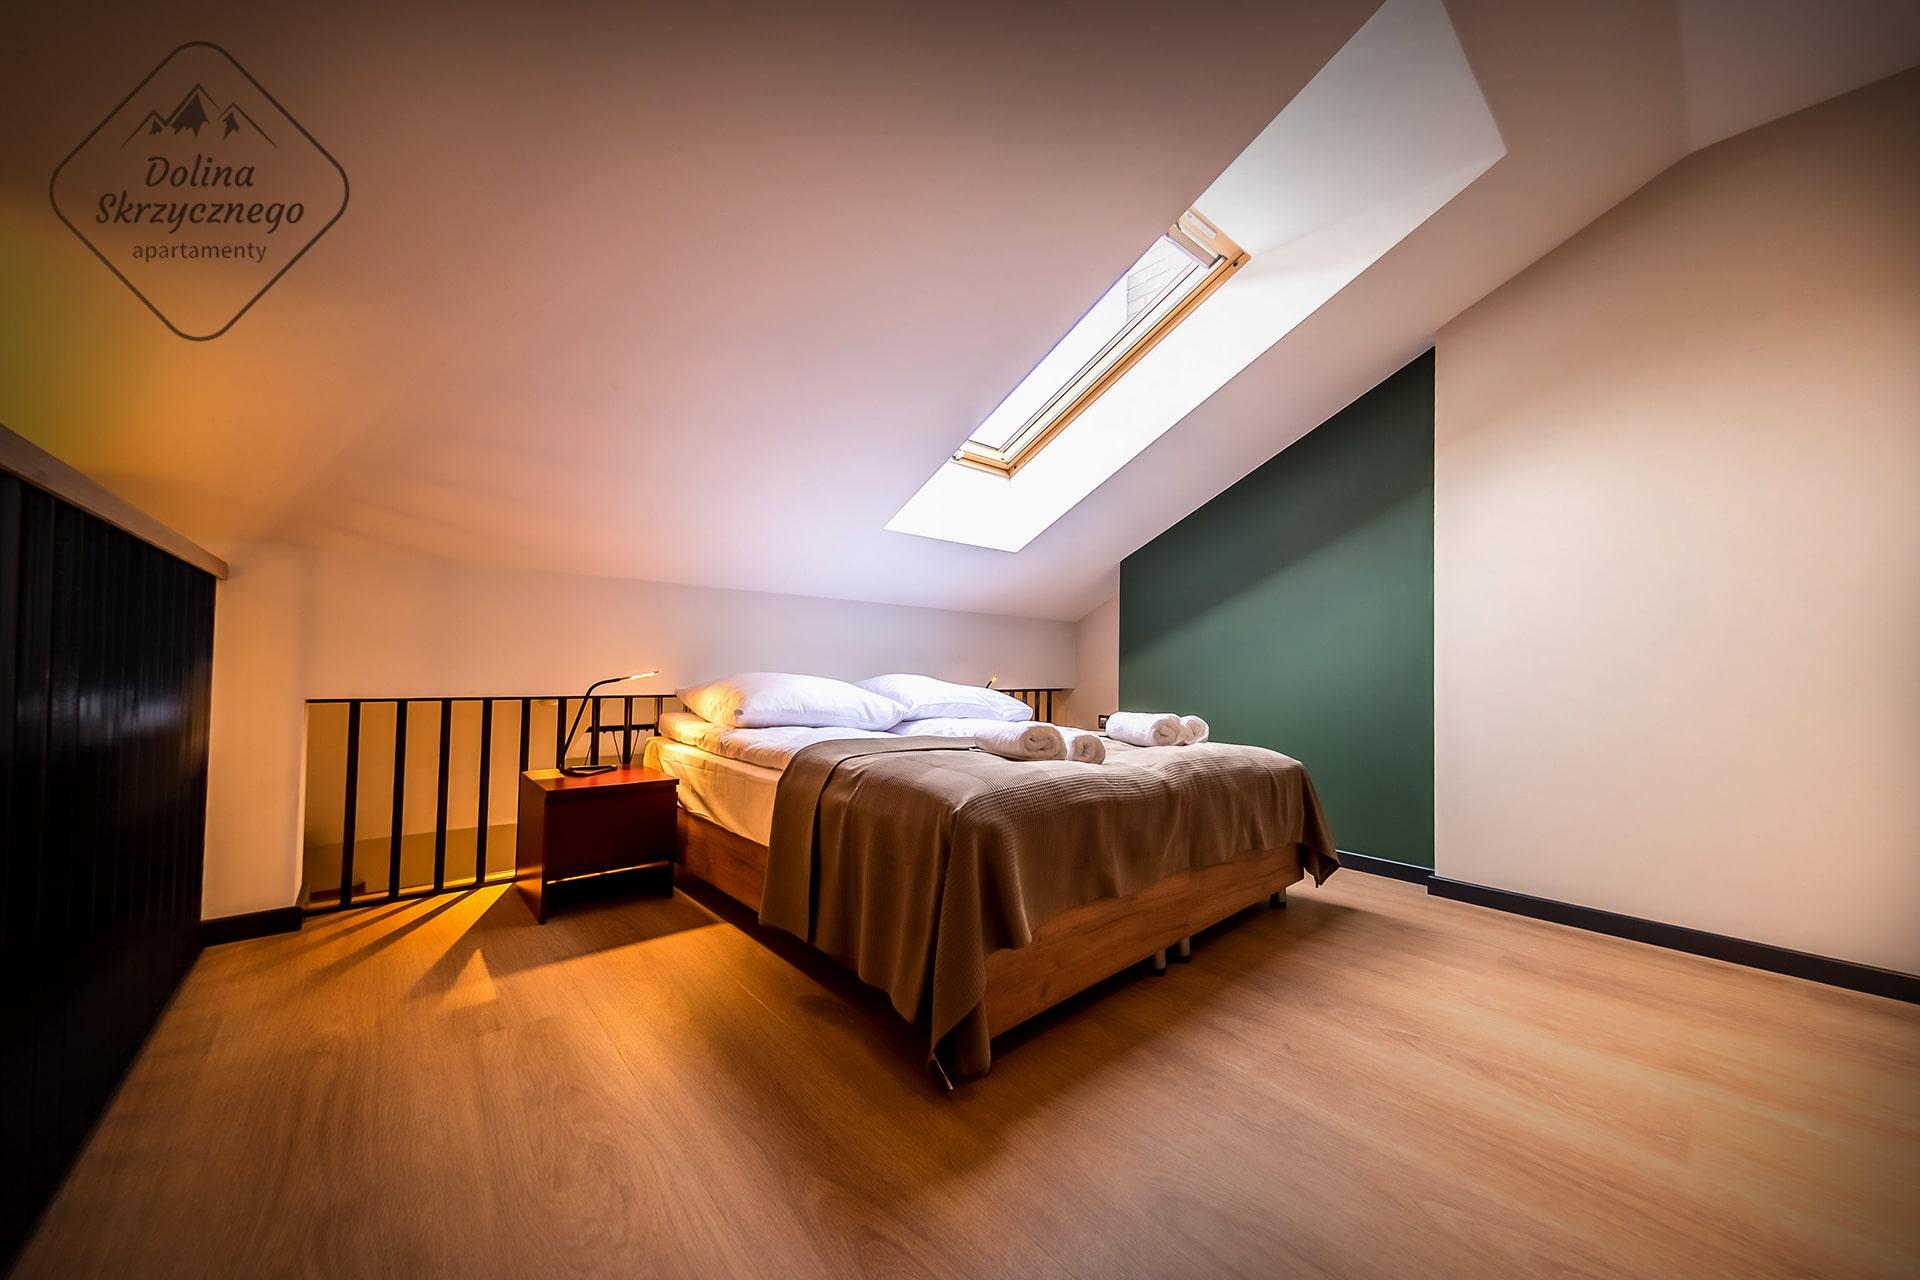 Apartamenty-Dolina-Skrzycznego-Szczyrk-06-02-Logo-min